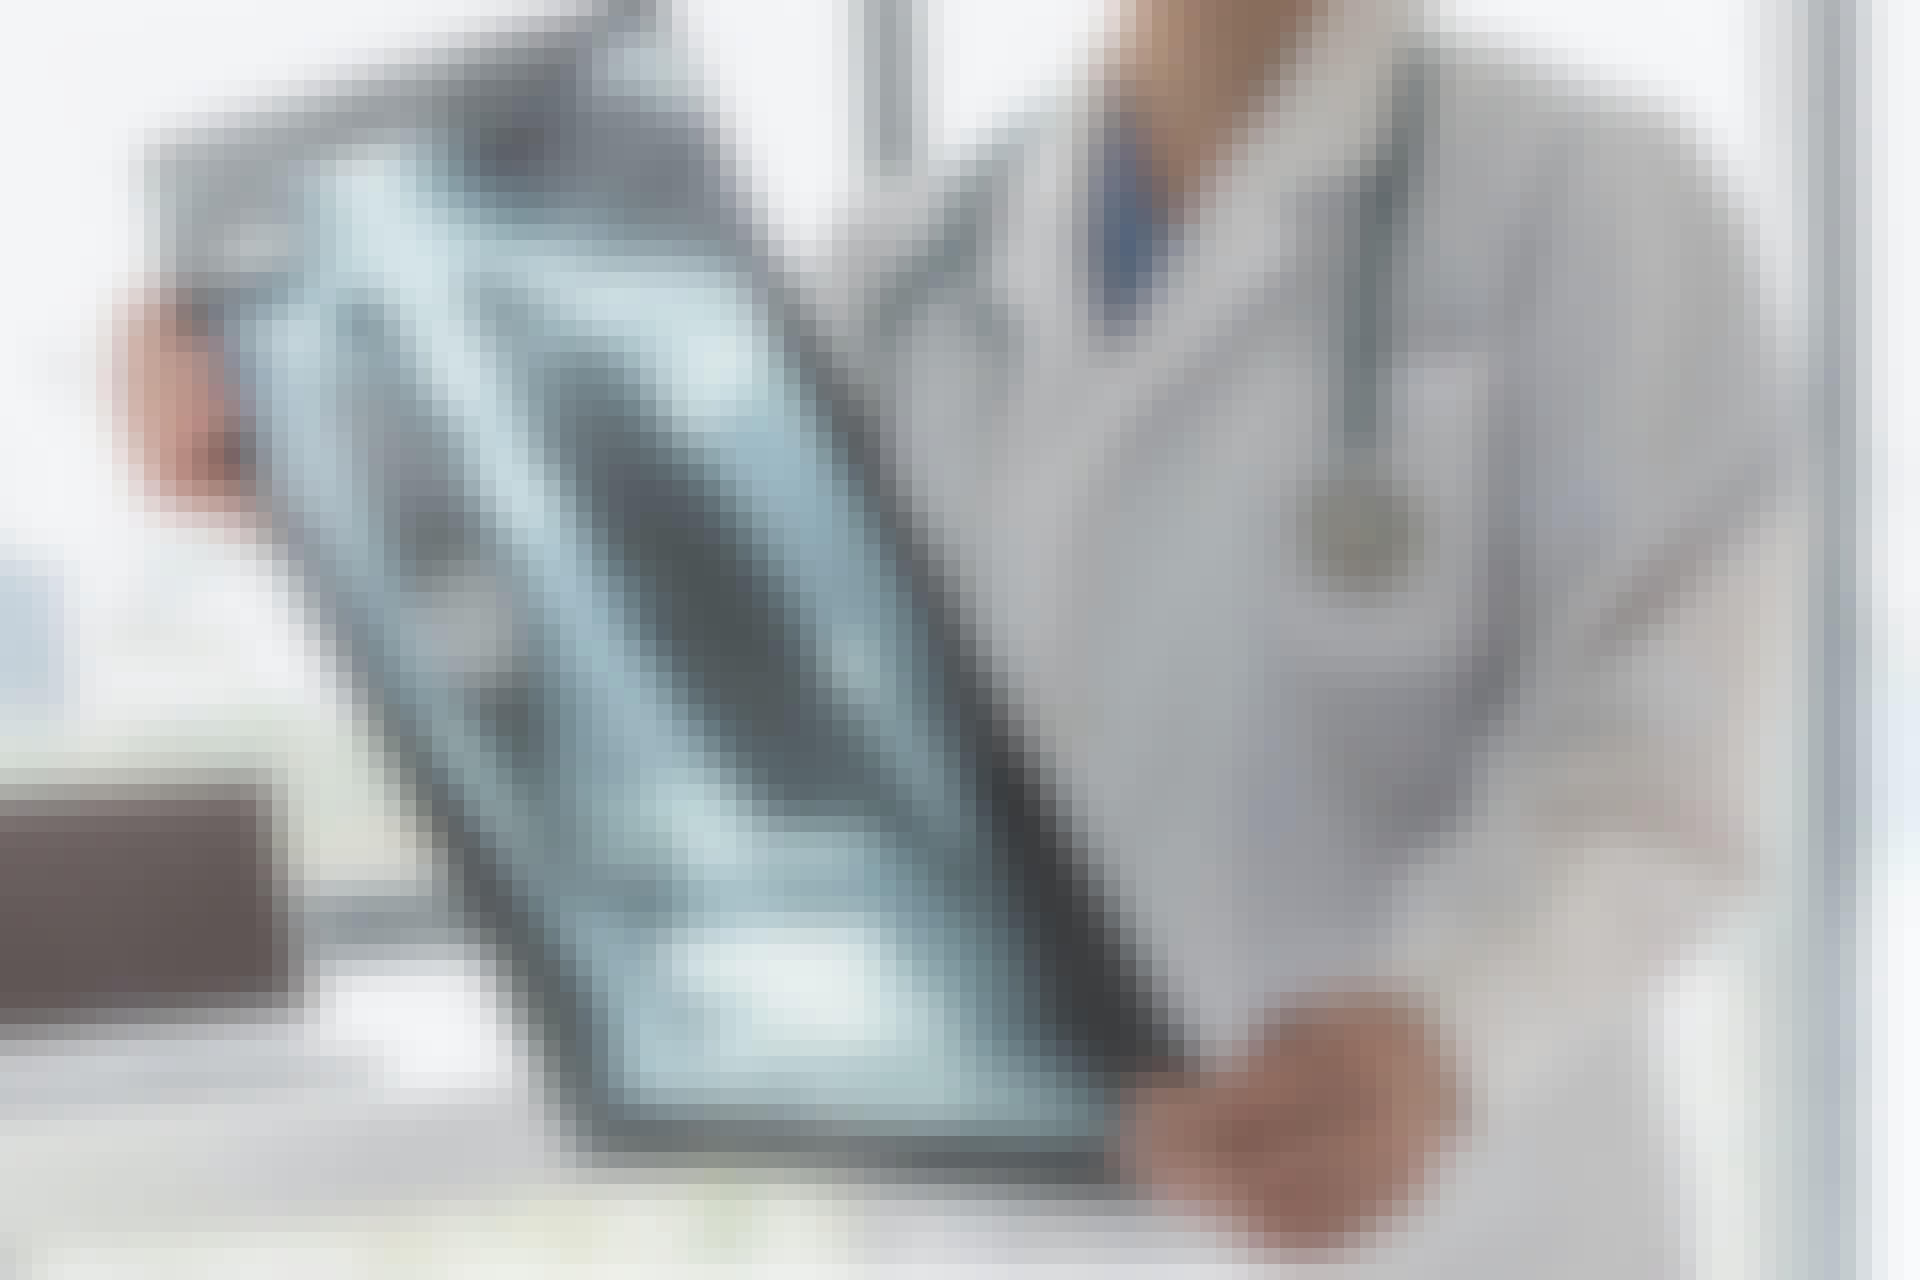 Röntgen koronavirus keuhkot – Päivä päivältä: Näin koronavirus valtaa elimistön